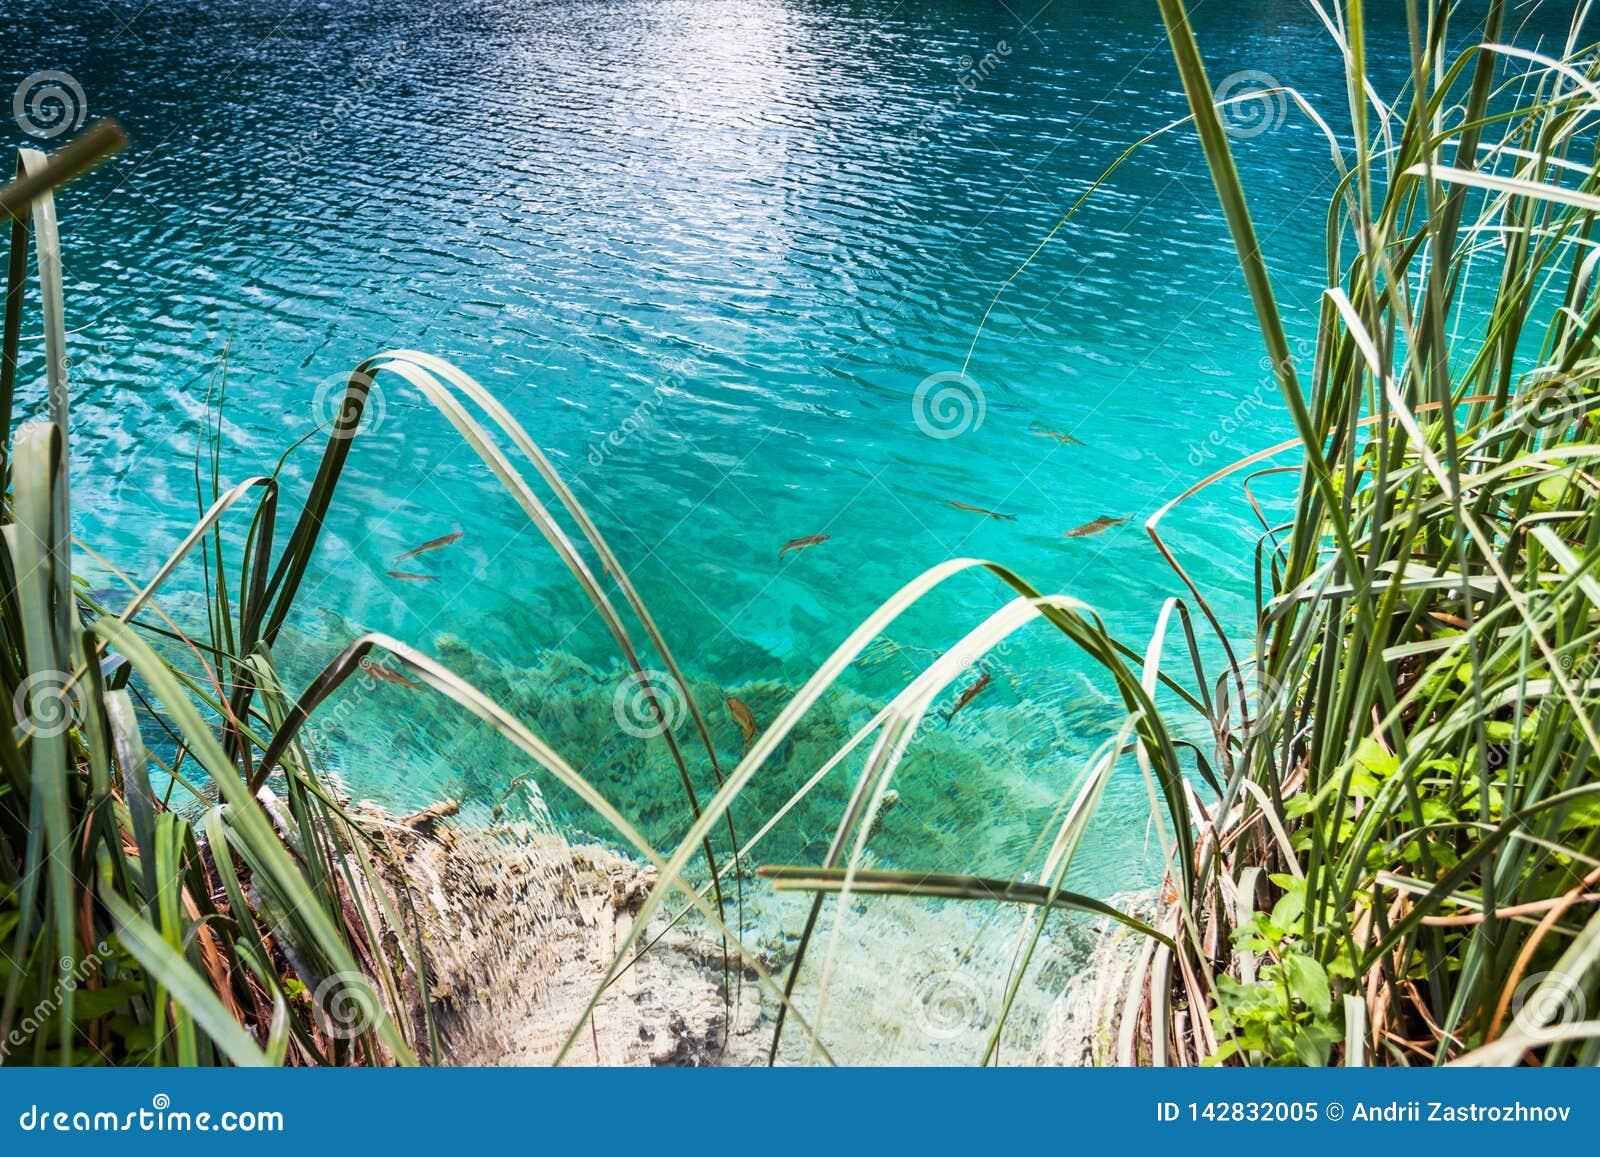 Nadada de los pescados en el agua clara de la turquesa en la orilla del lago Plitvice, parque nacional, Croacia